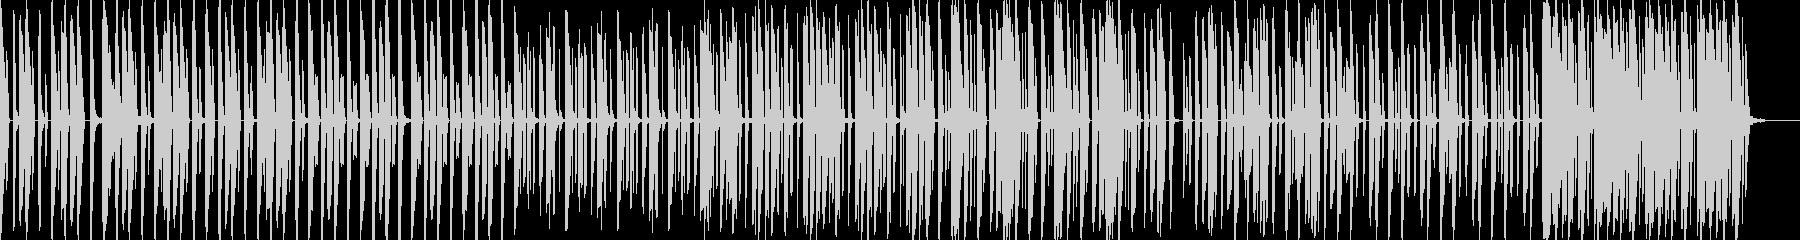 ローテンポ/重低音/EDM/BGMの未再生の波形